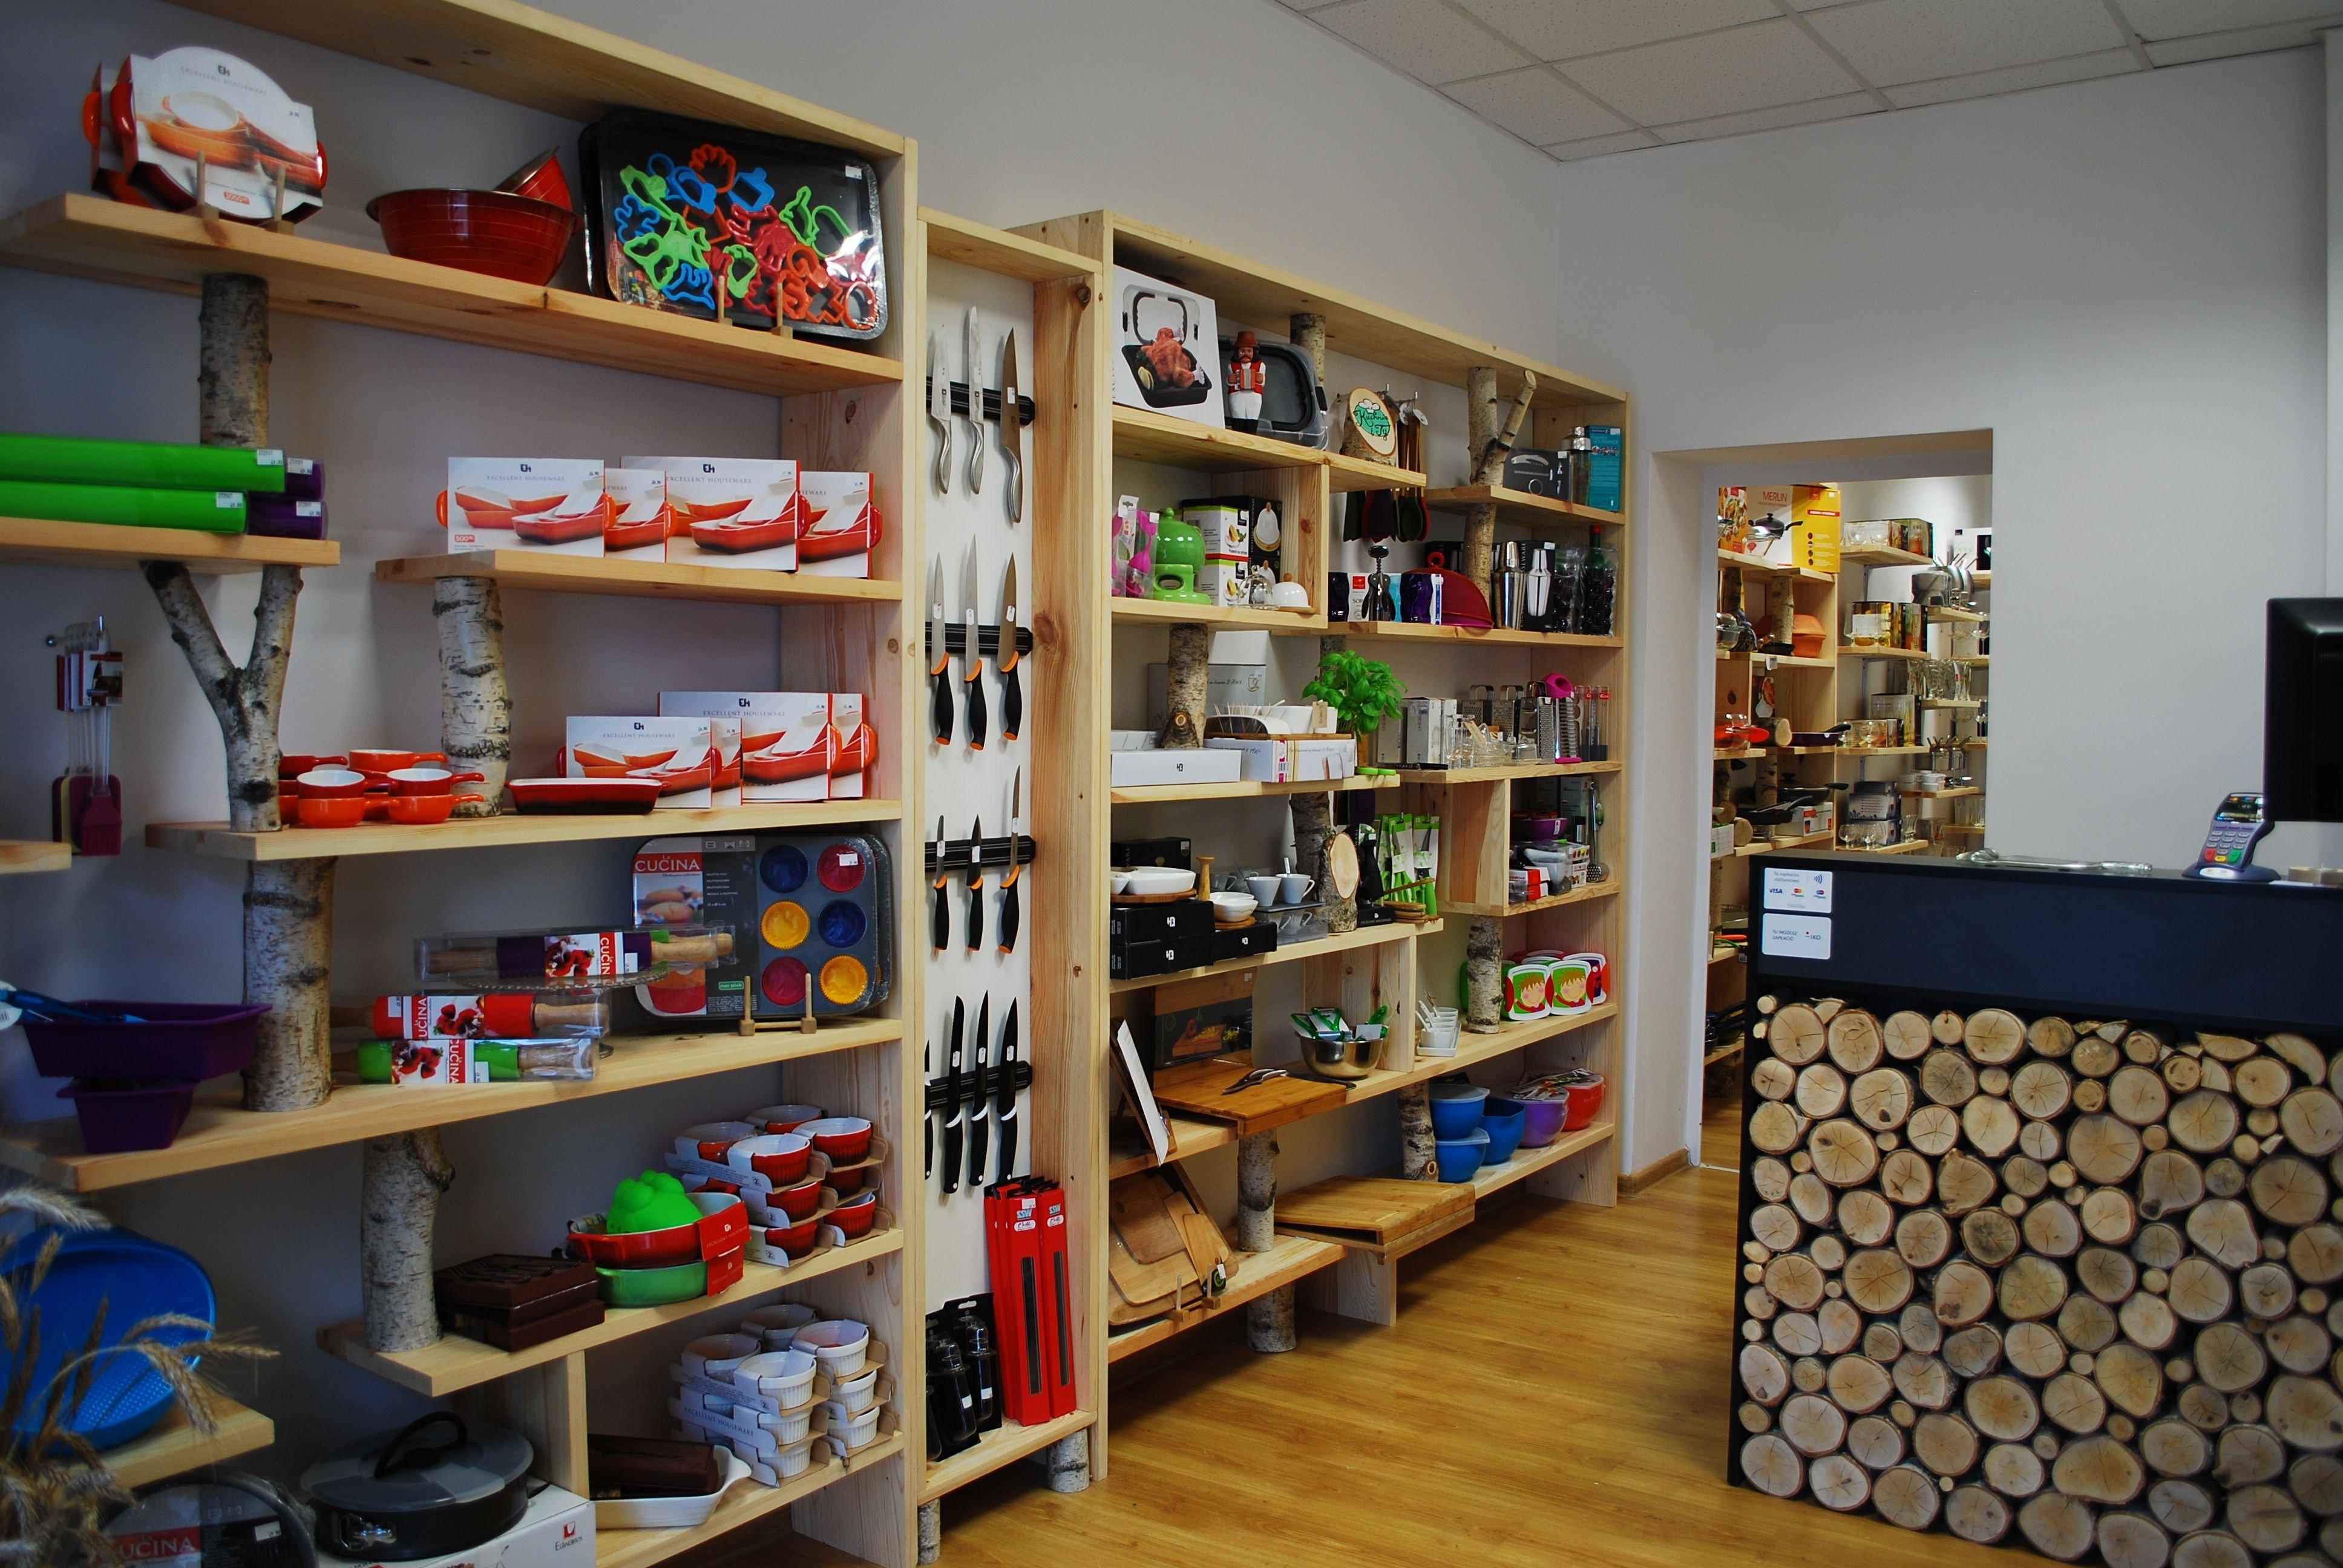 Kuchnia i Ty - nowy sklep z akcesoriami do kuchni i jadalni.